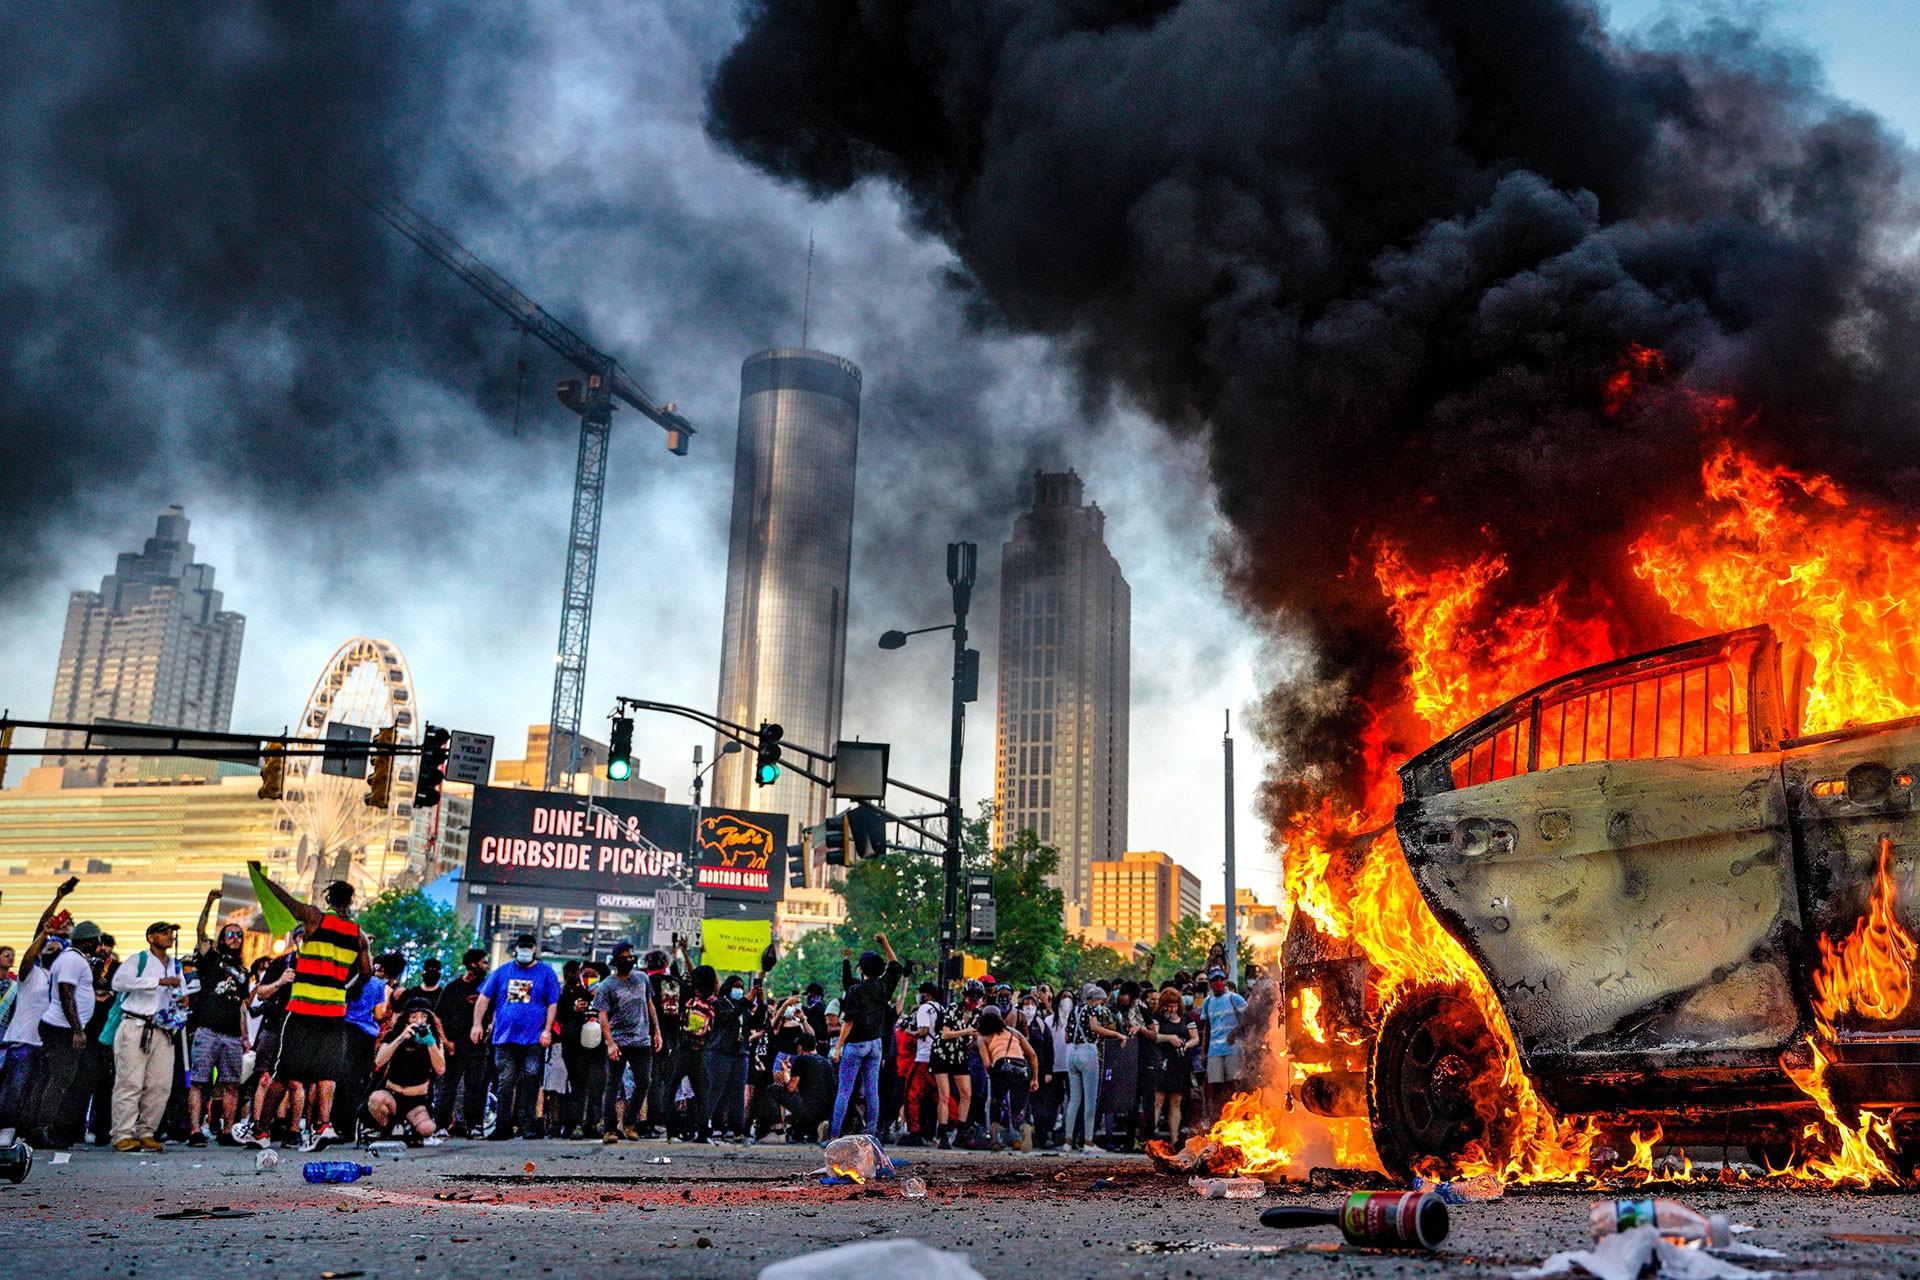 Çok sayıda kişi ırkçılığa karşı eylem yapıyor. Bir araç ateşe verilmiş.